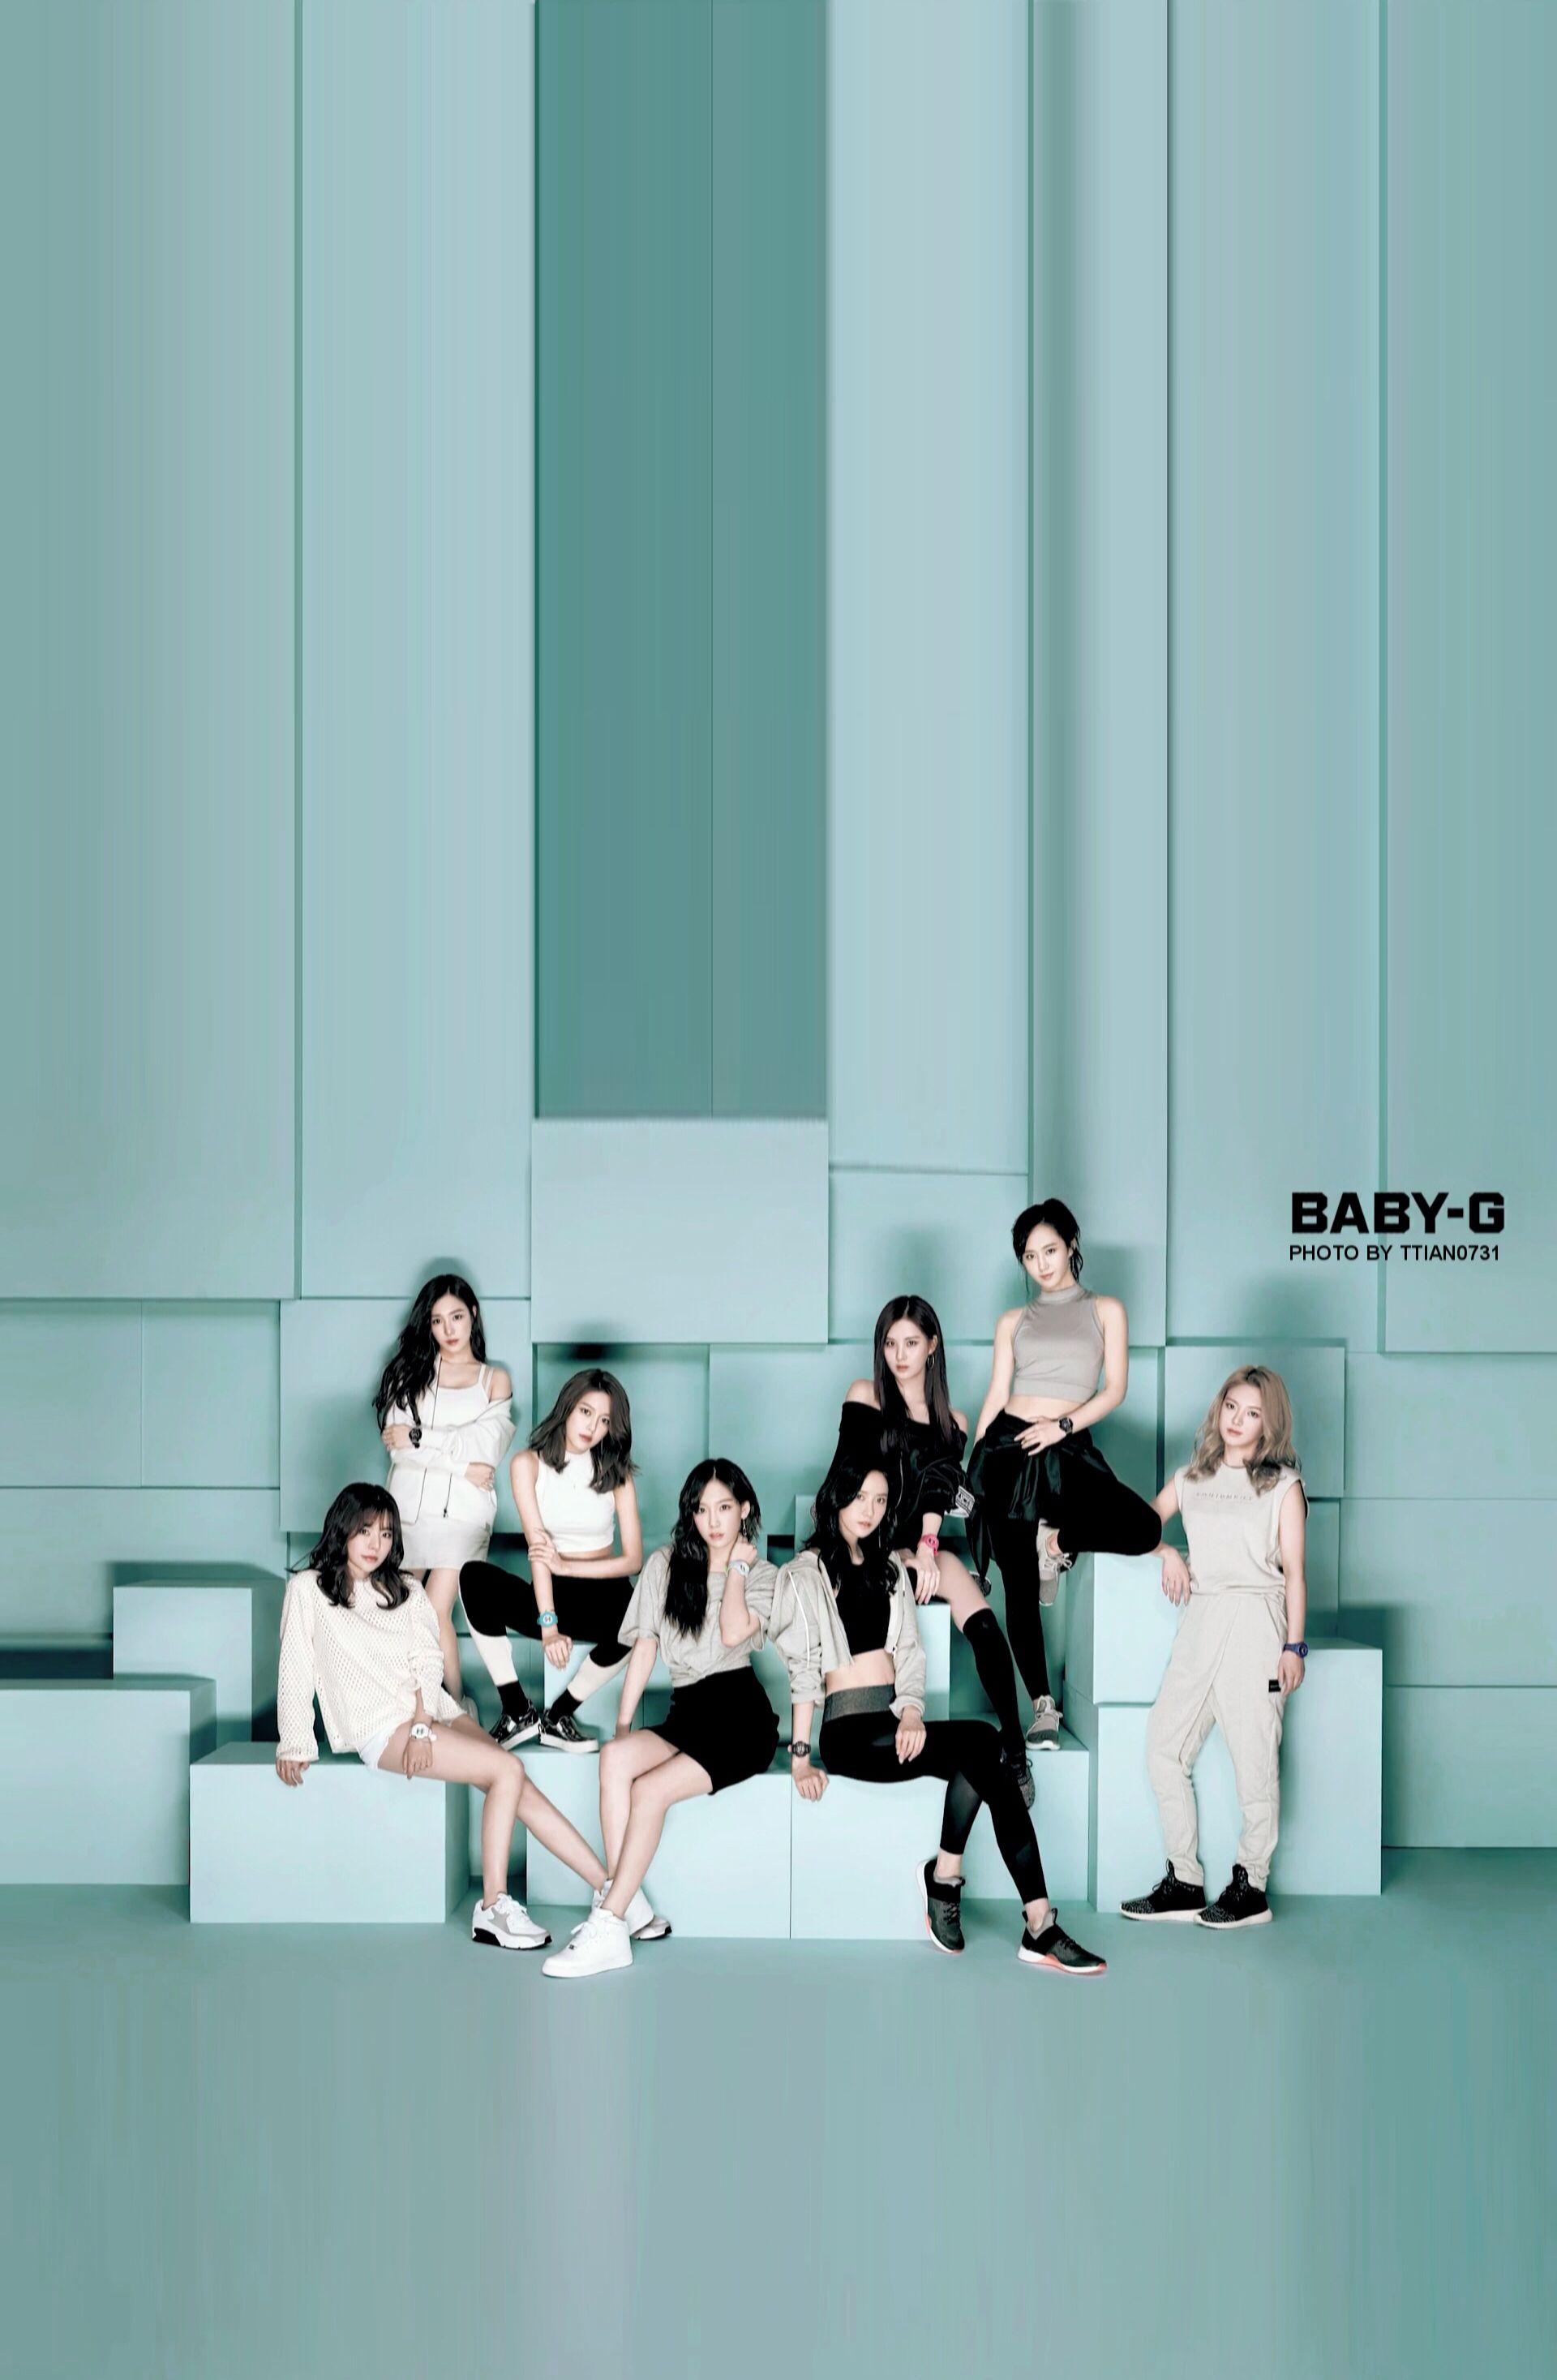 Casio Sheen X Girls Generation Iphone Wallpaper Girls Generation Snsd Yoona